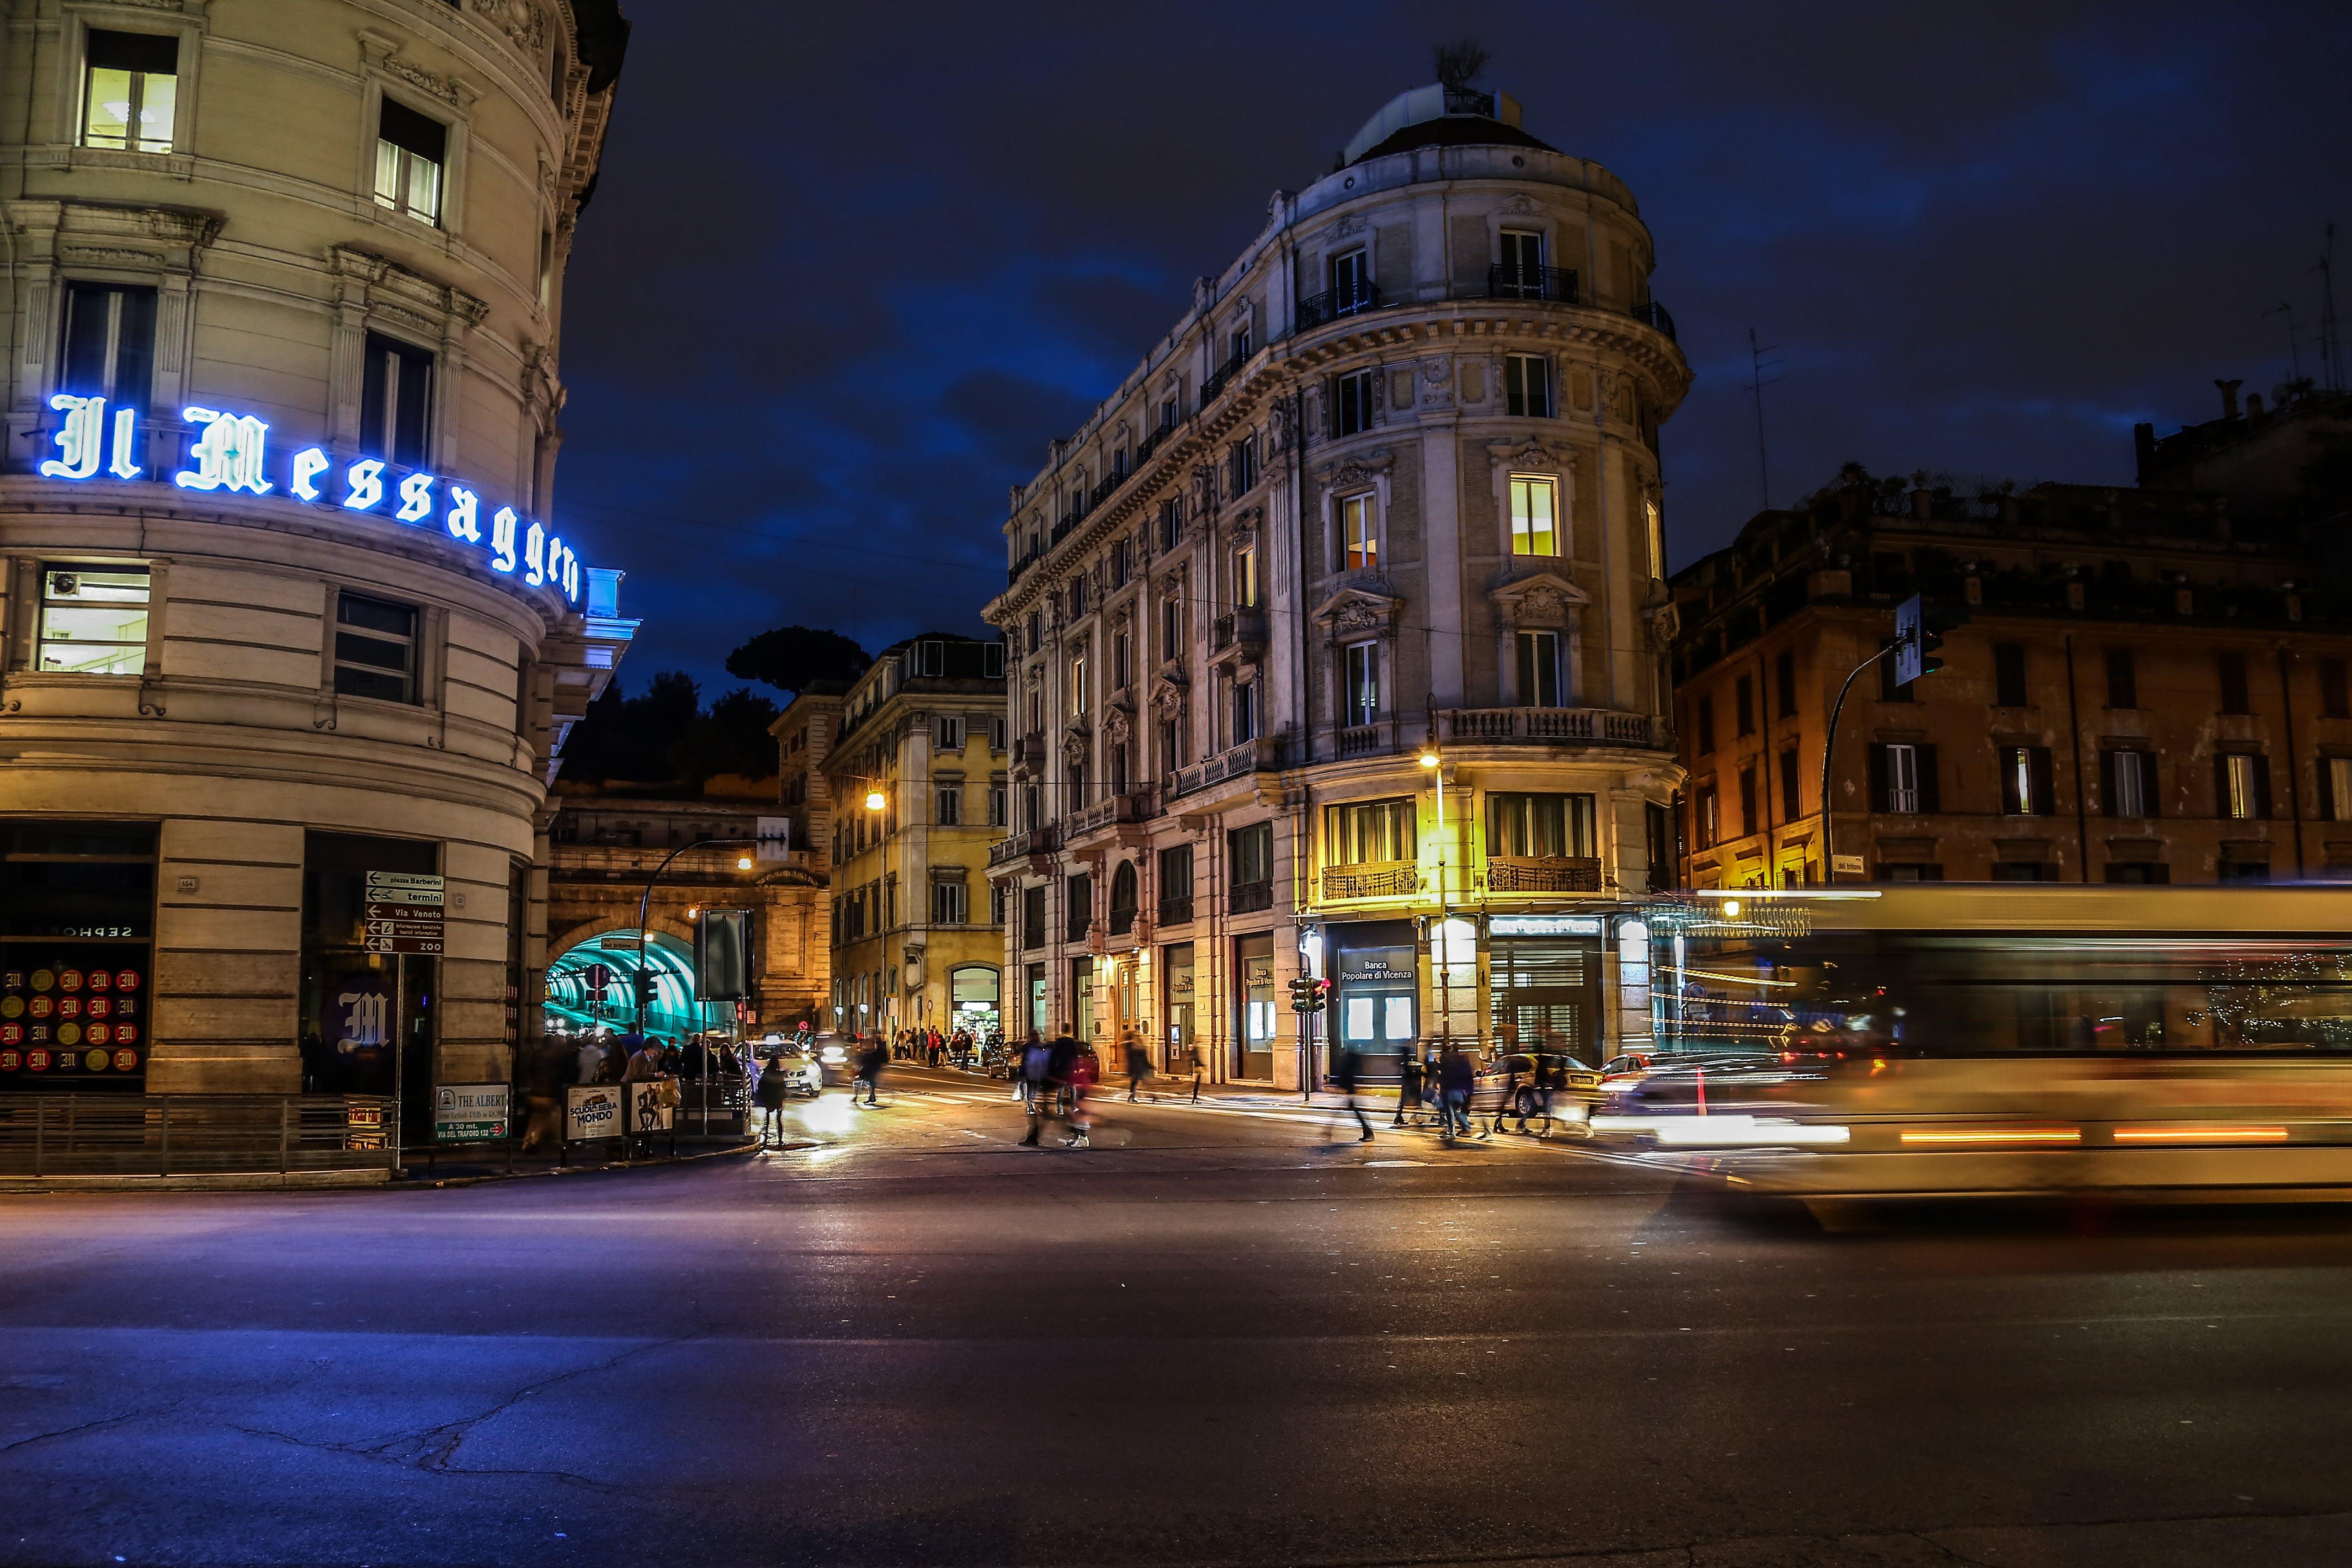 akşam, binalar, gece, hızlandırılmış içeren Ücretsiz stok fotoğraf